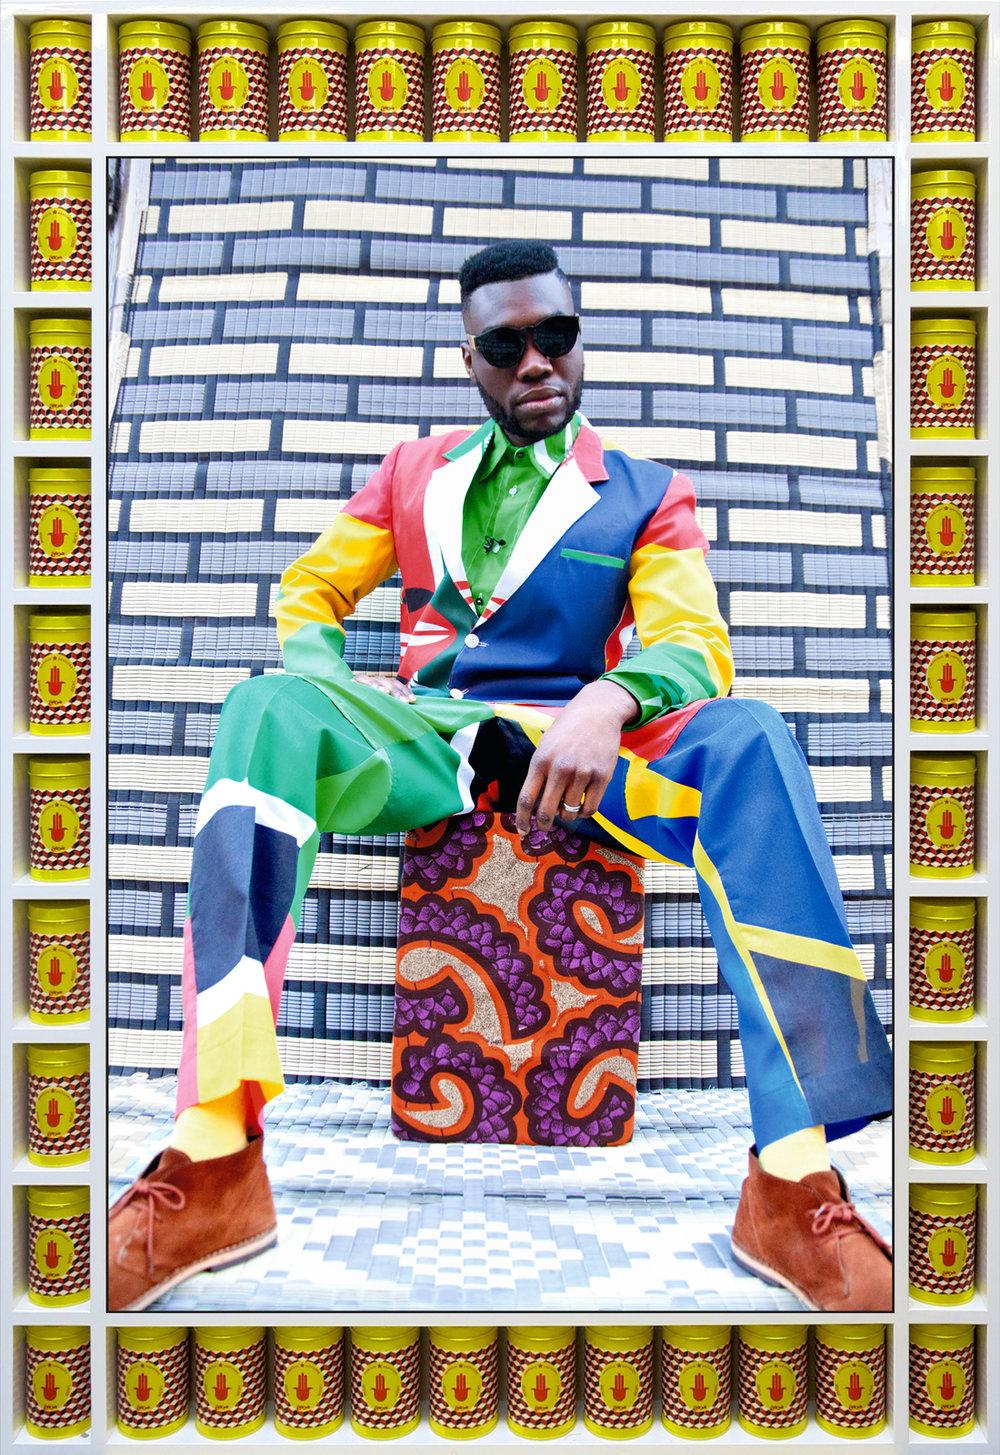 Afrikan Boy Sittin'-_DSC0321.jpg